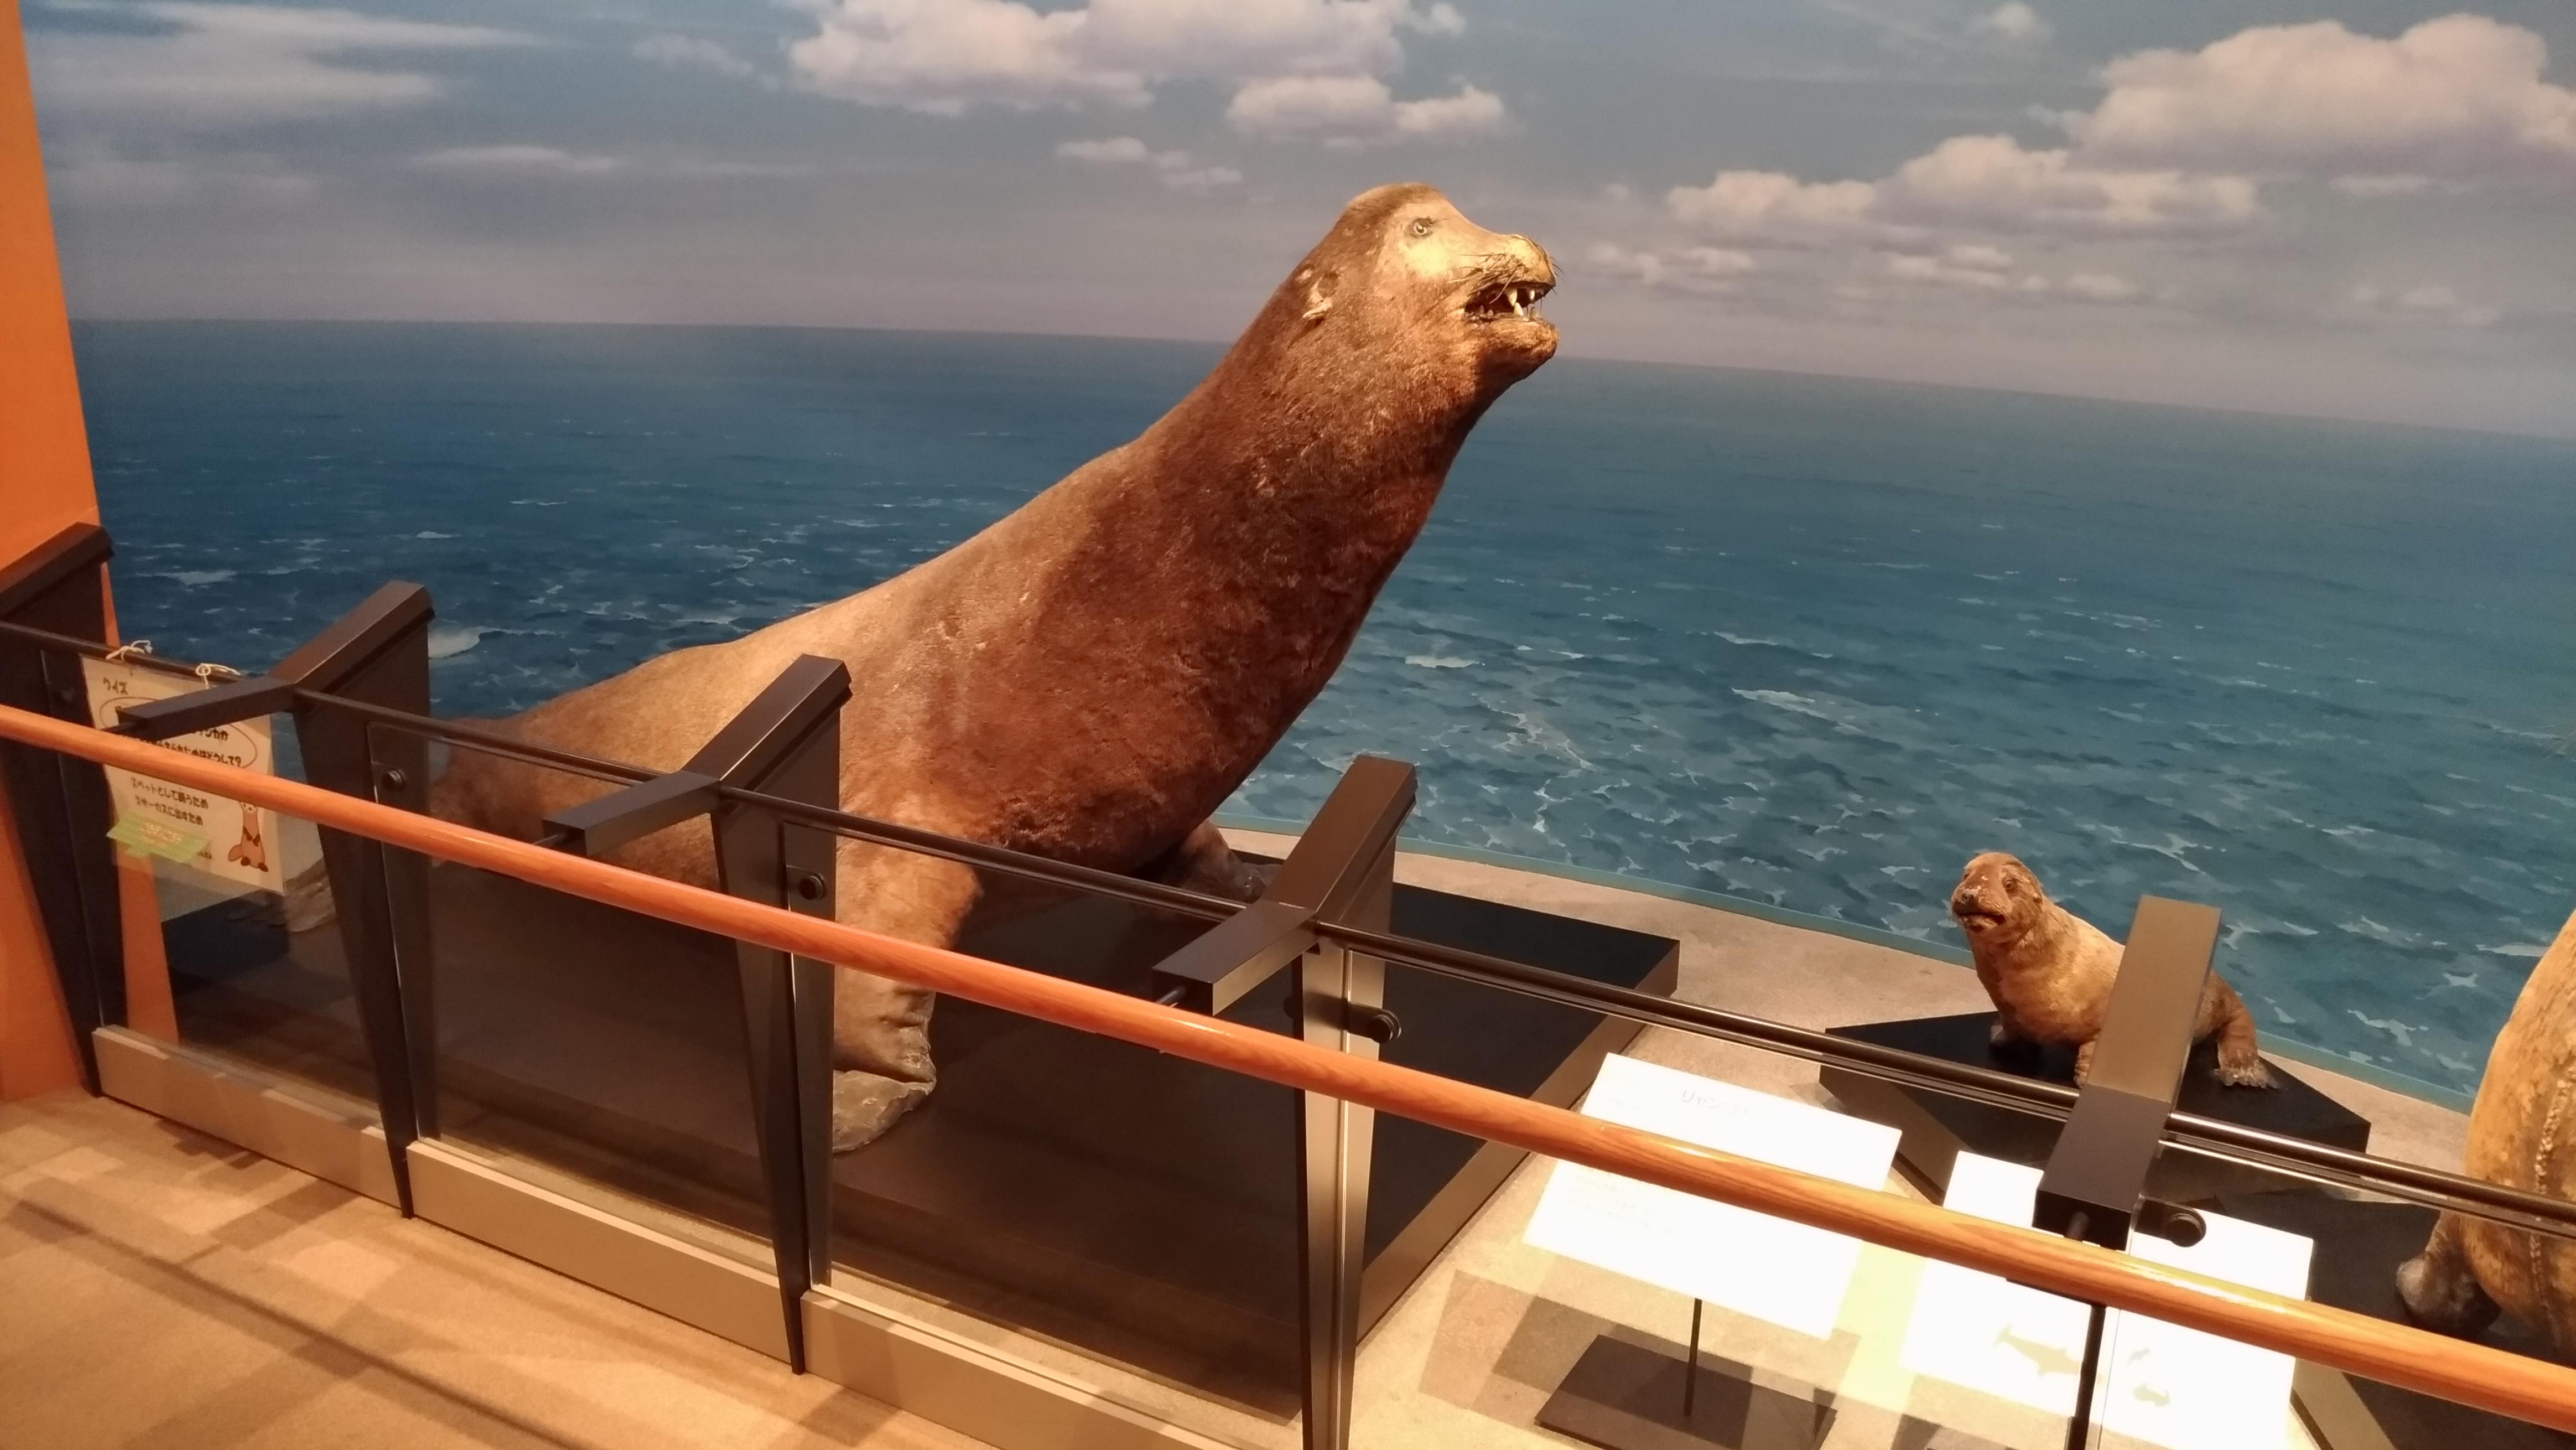 三瓶山自然科学博物館サヒメルに行った